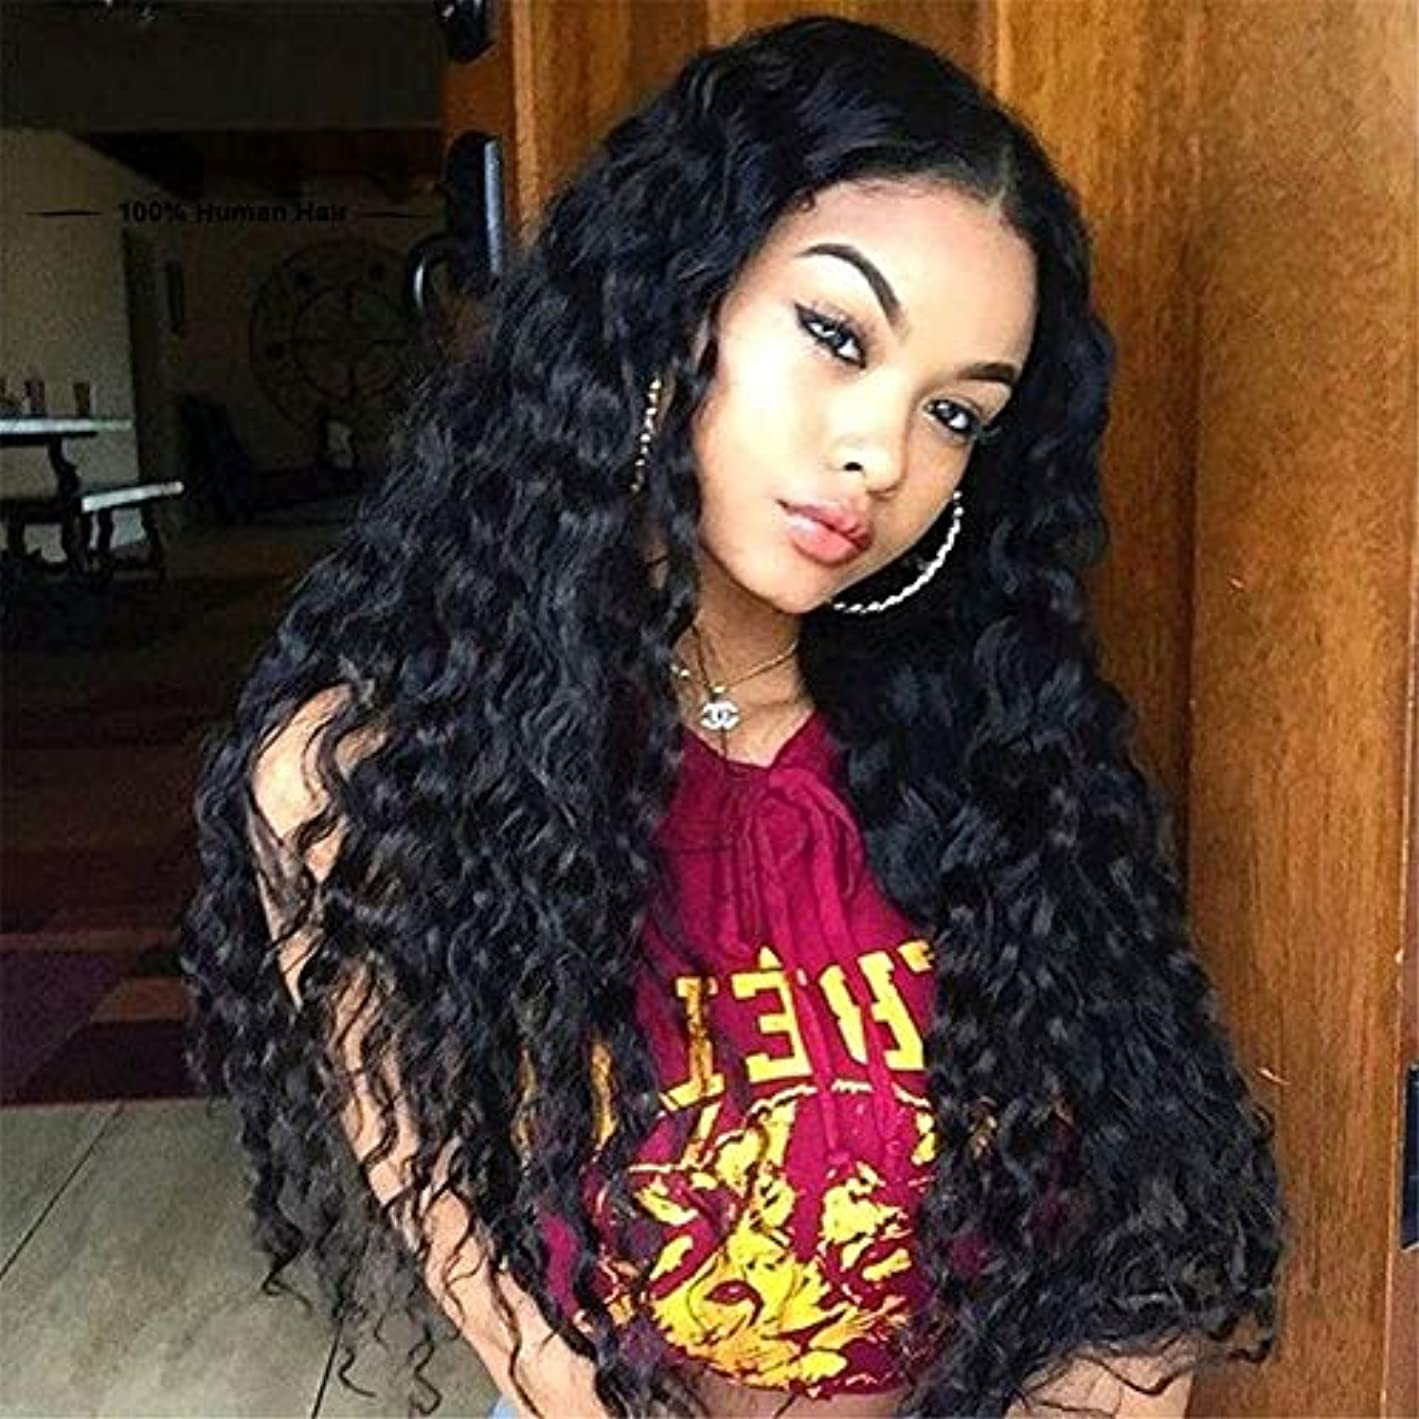 繁殖好む学ぶかつら耐性カーリーカーリーヘアハイライトブラックゴールド女性日記メイク合成パーティーウィッグ21 ''ロールプレイ、ハロウィーンに適したカーリーカーリー人間の髪のかつら